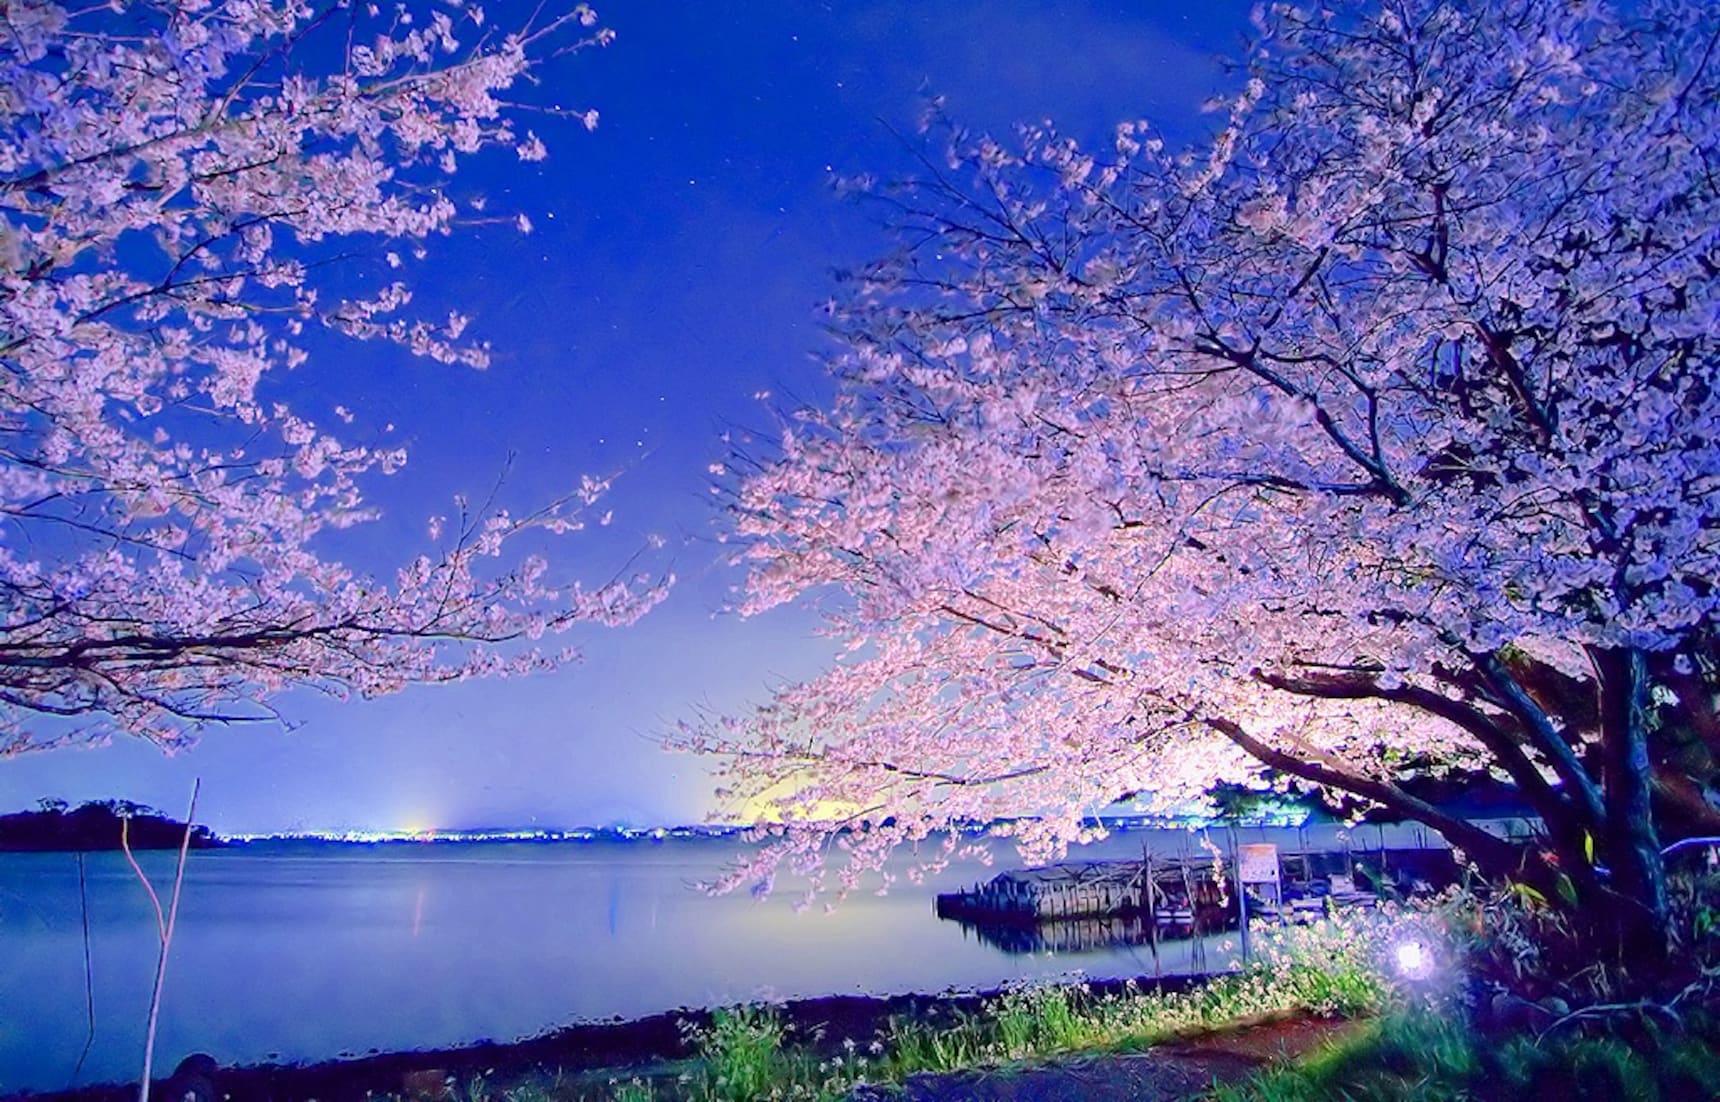 8 จุดชมซากุระยามค่ำคืนในโตเกียว